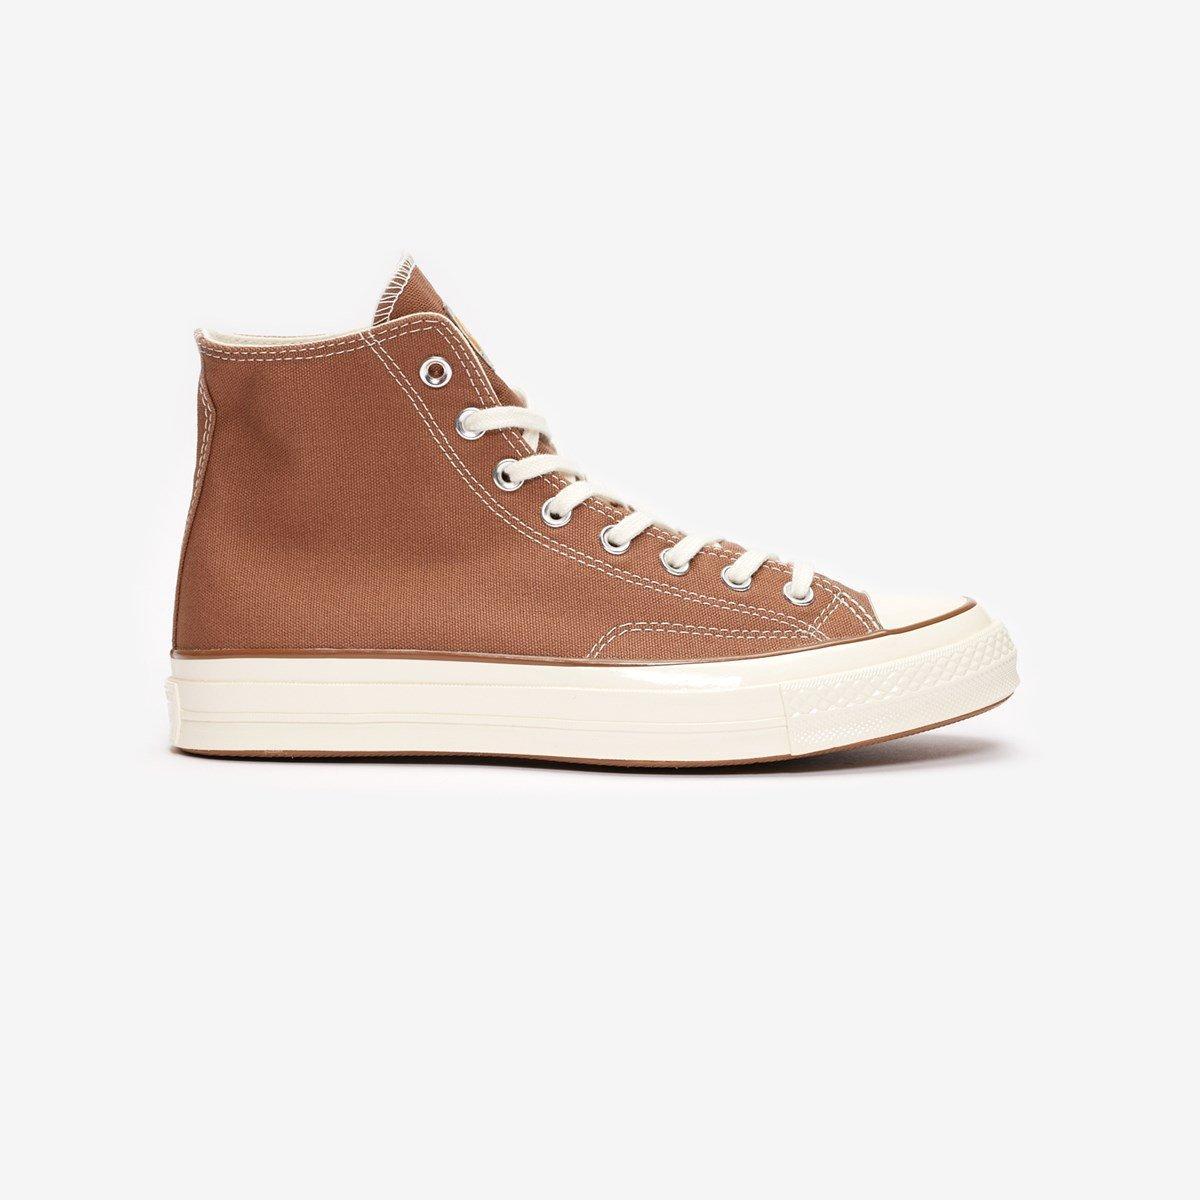 Sneakersnstuff product